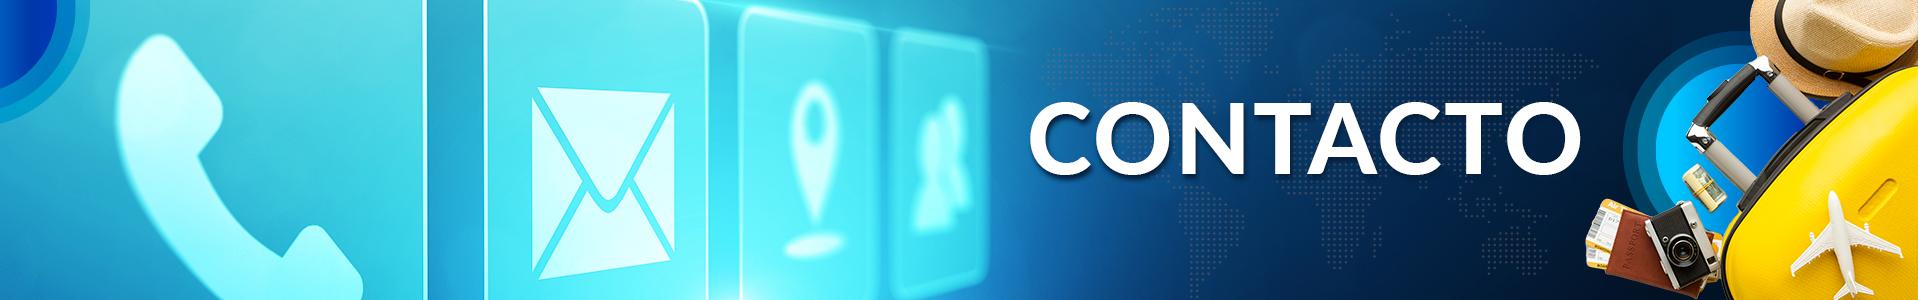 Contacto Mega Travel